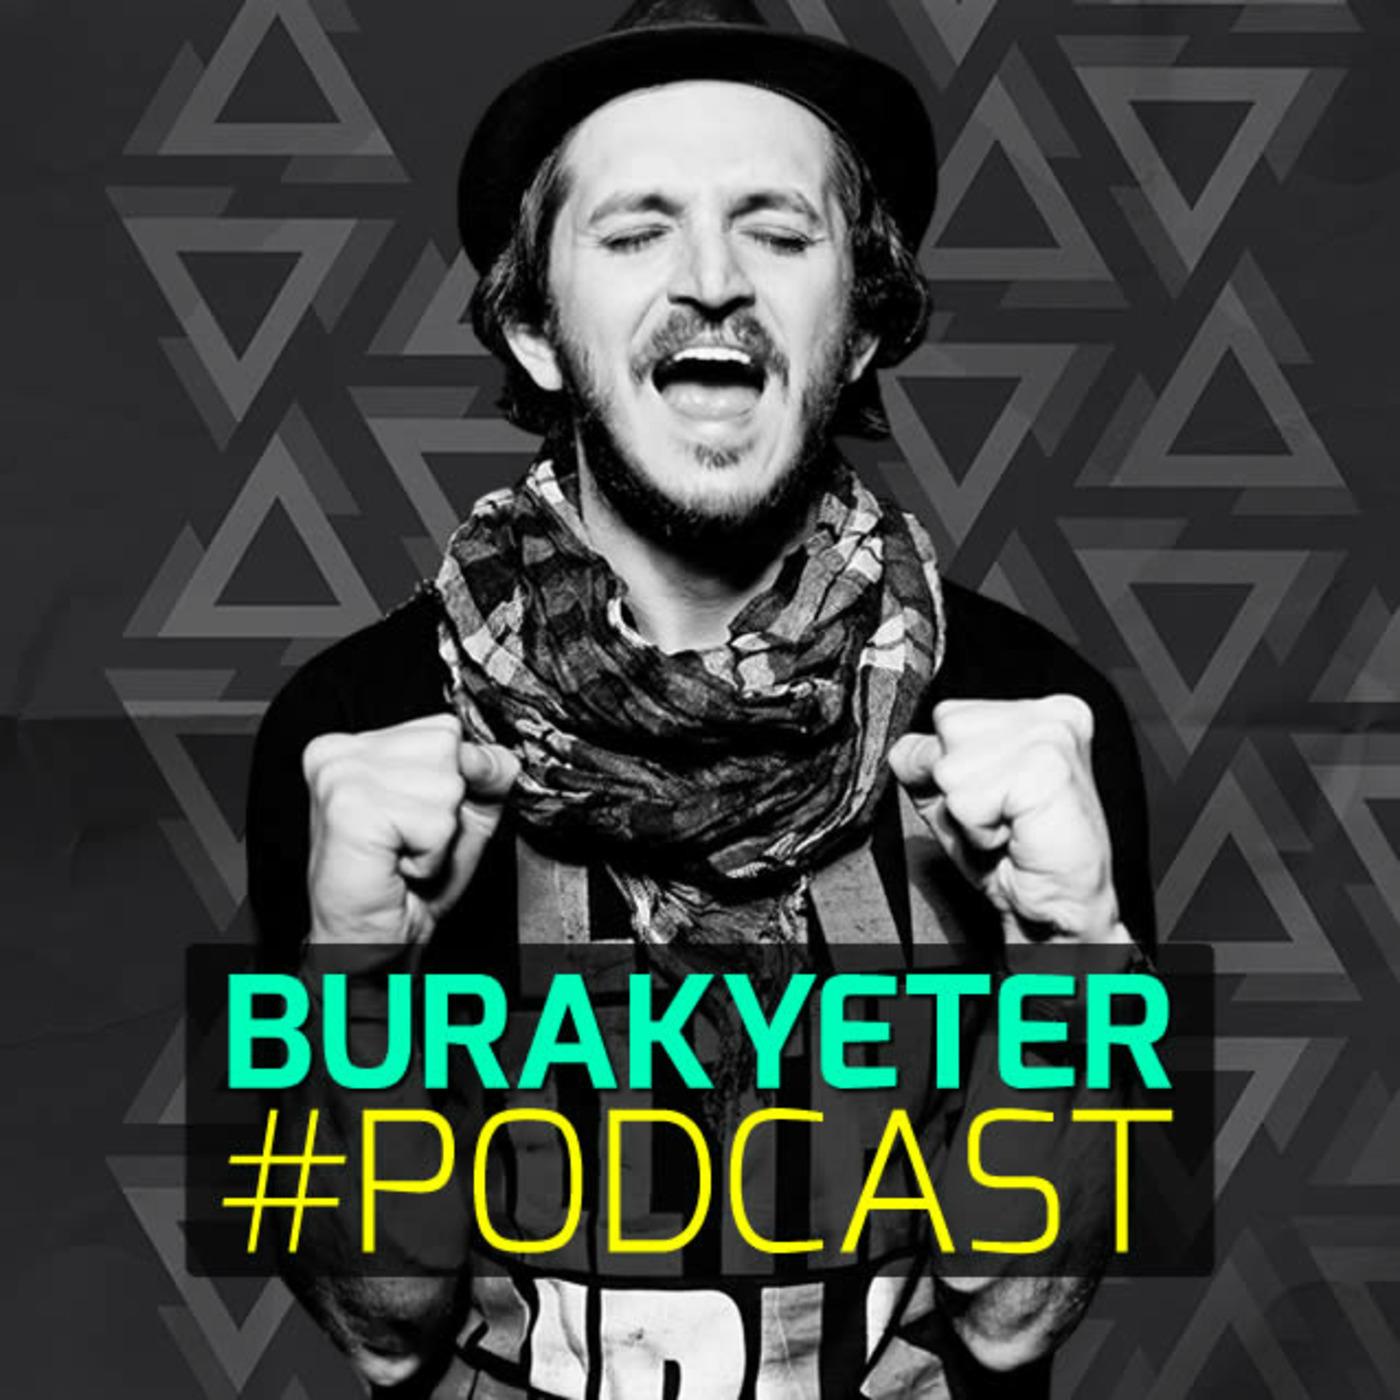 Burak Yeter's Podcast